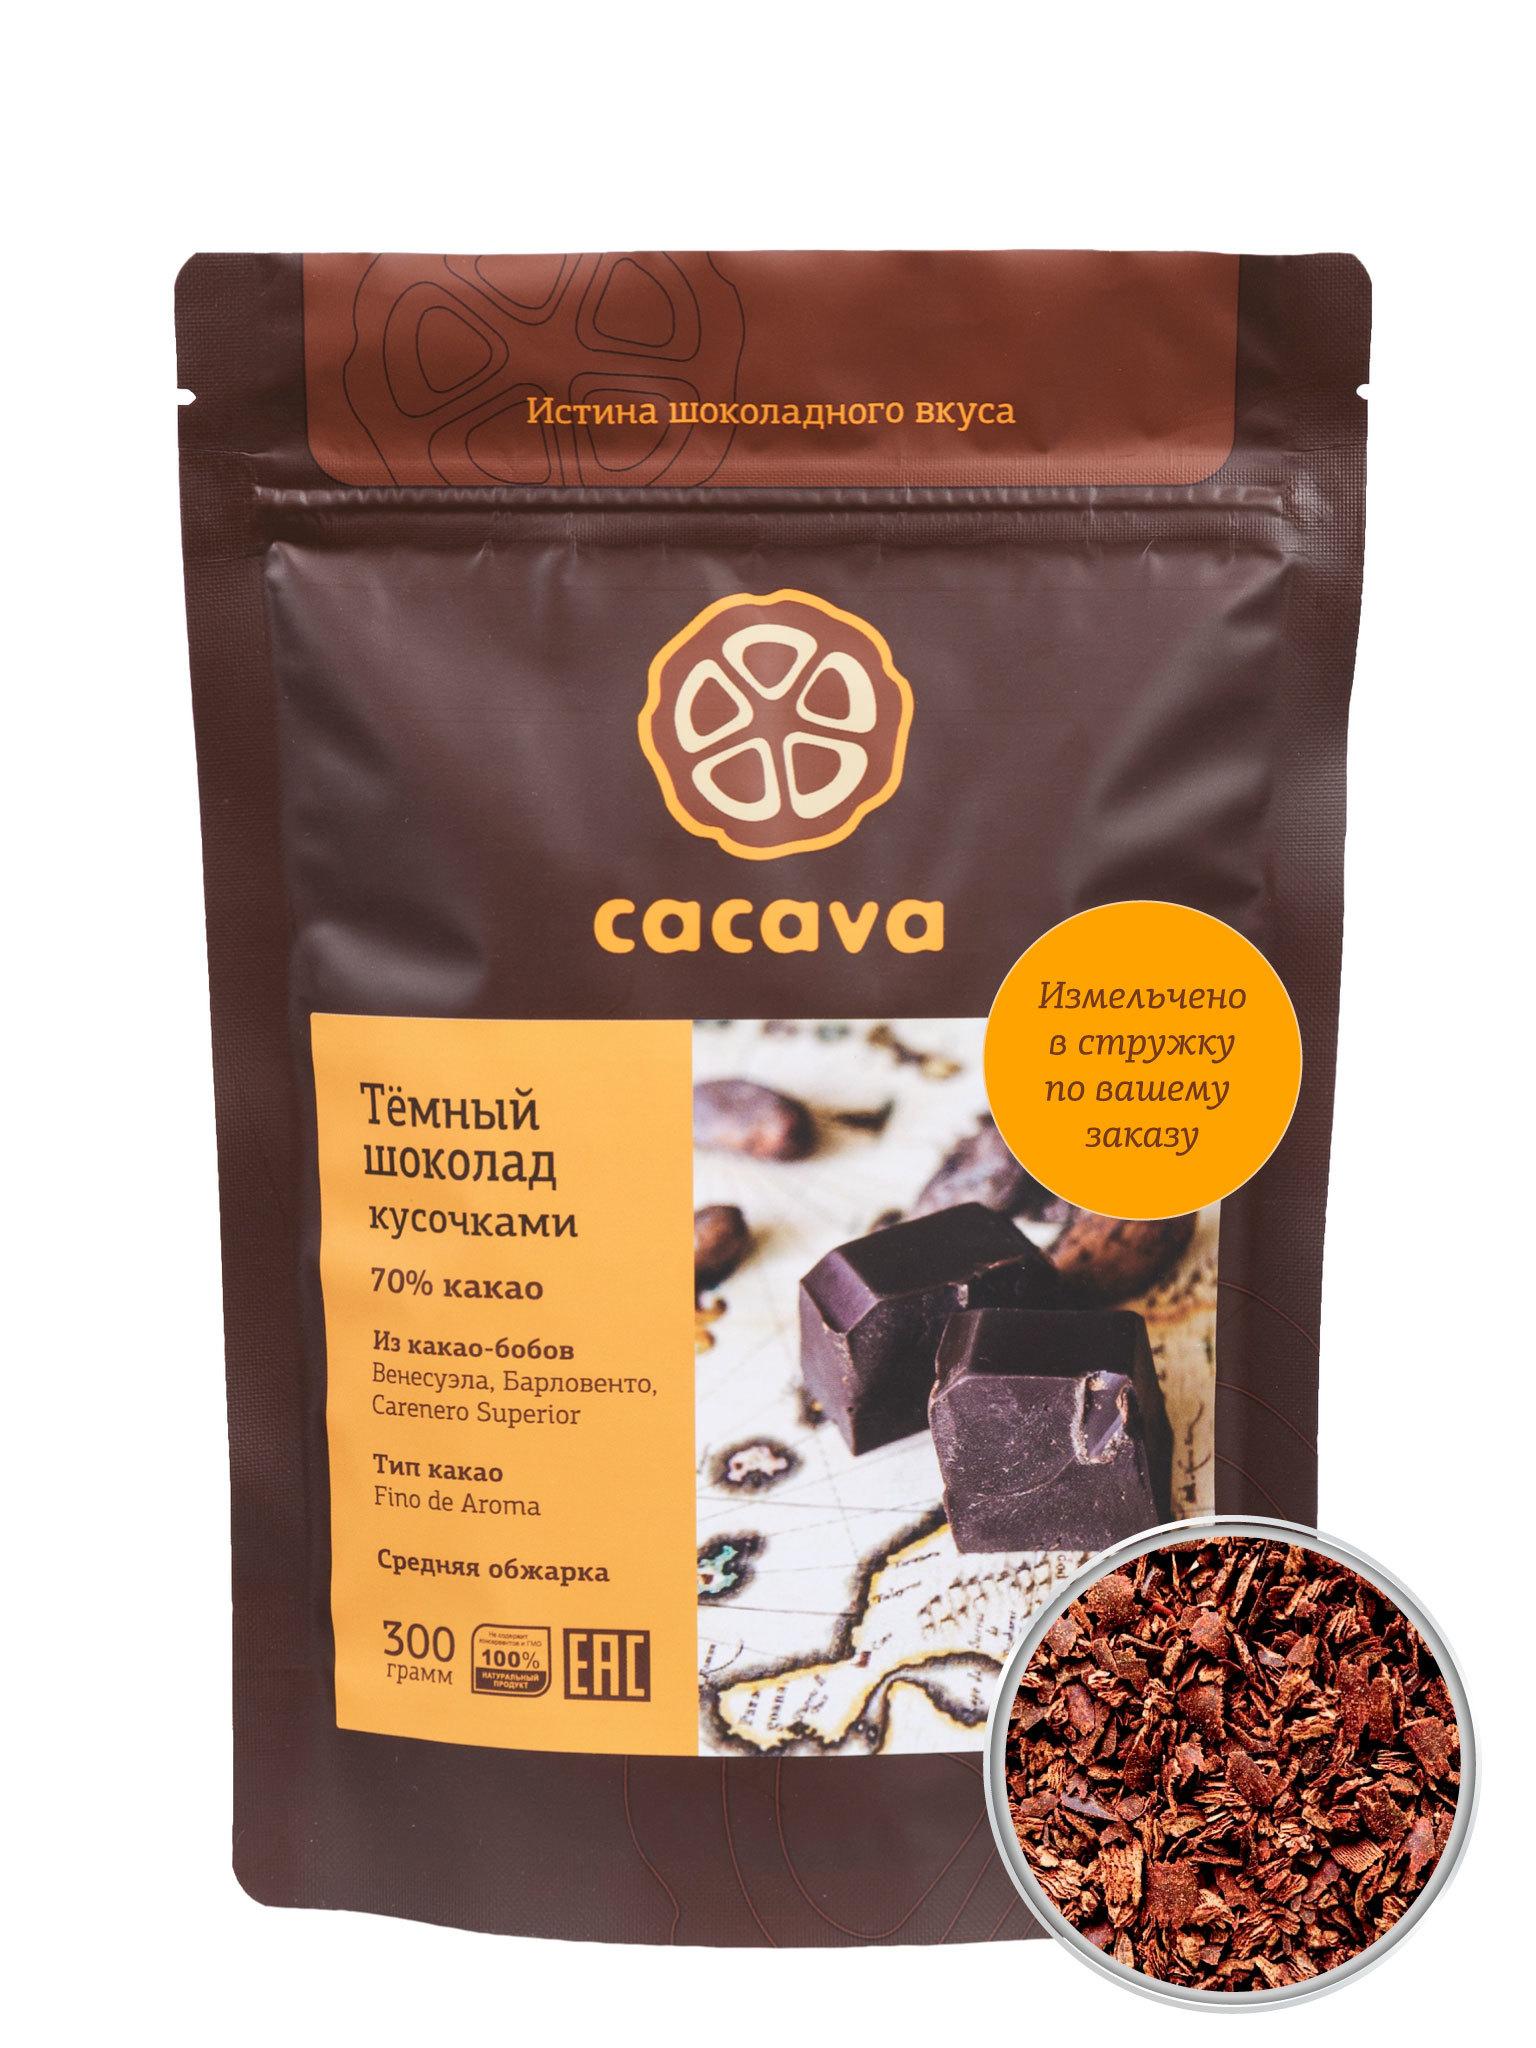 Тёмный шоколад 70 % какао в стружке (Венесуэла), упаковка 300 грамм